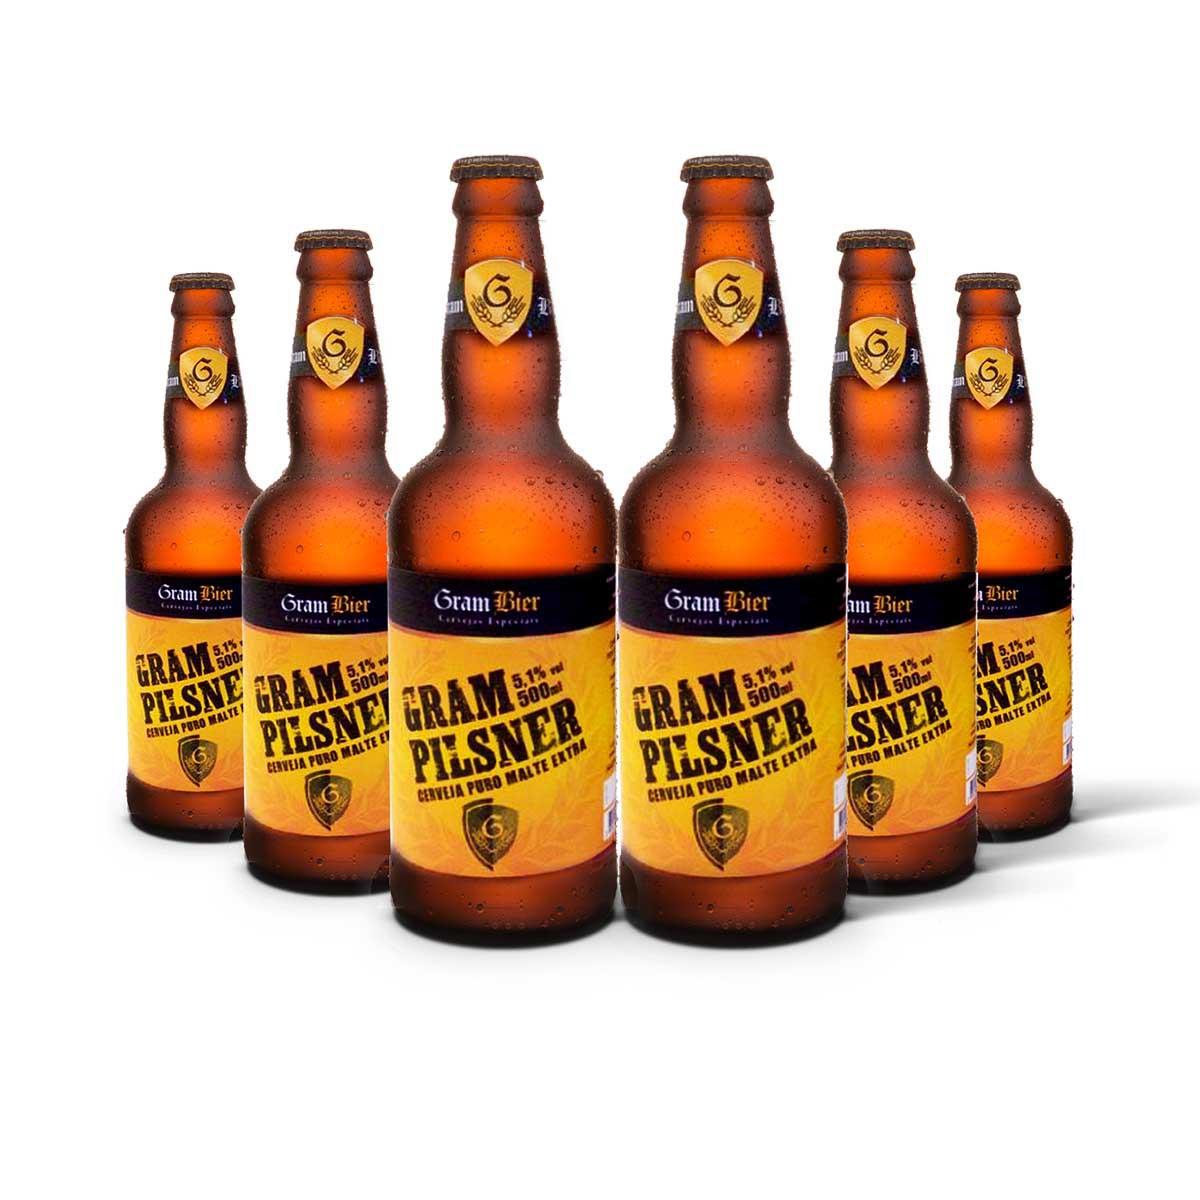 Pack Gram Bier Pilsen Gram Pilsener 6 cervejas 500ml